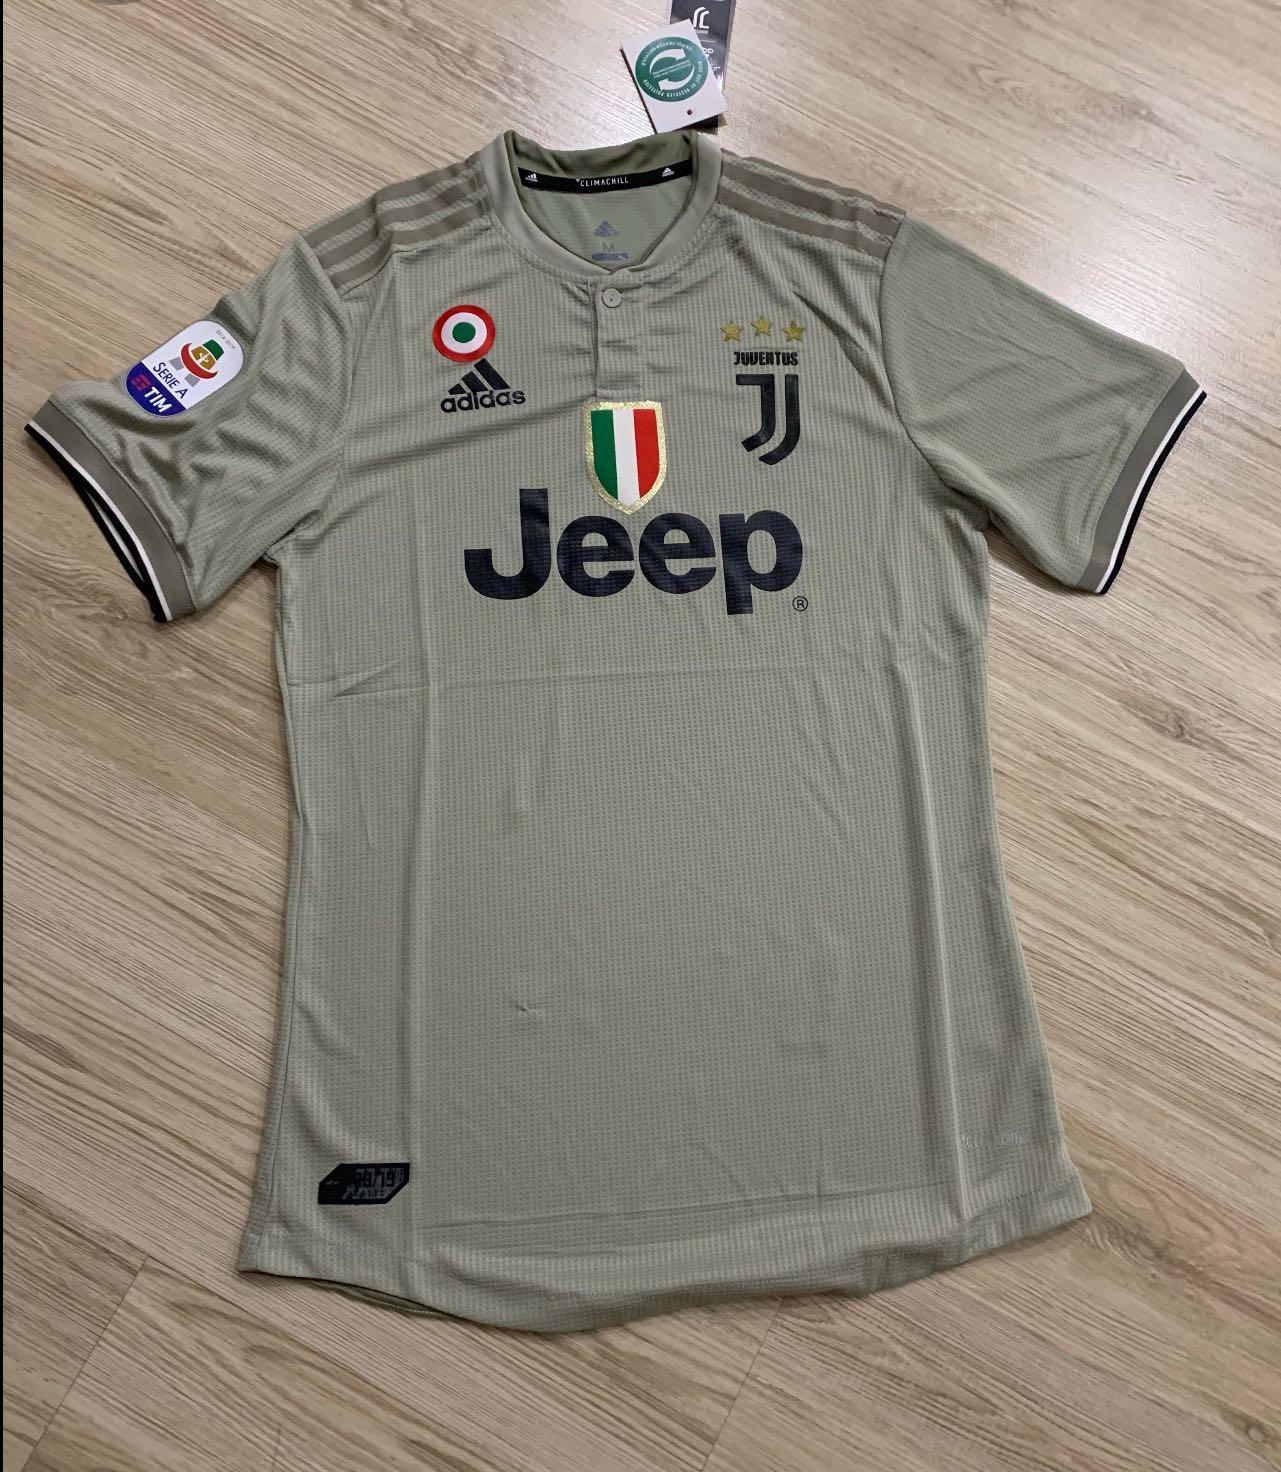 outlet store d2c19 6c448 Size M Juventus jersey instock , Juventus away kit 18/19 ...